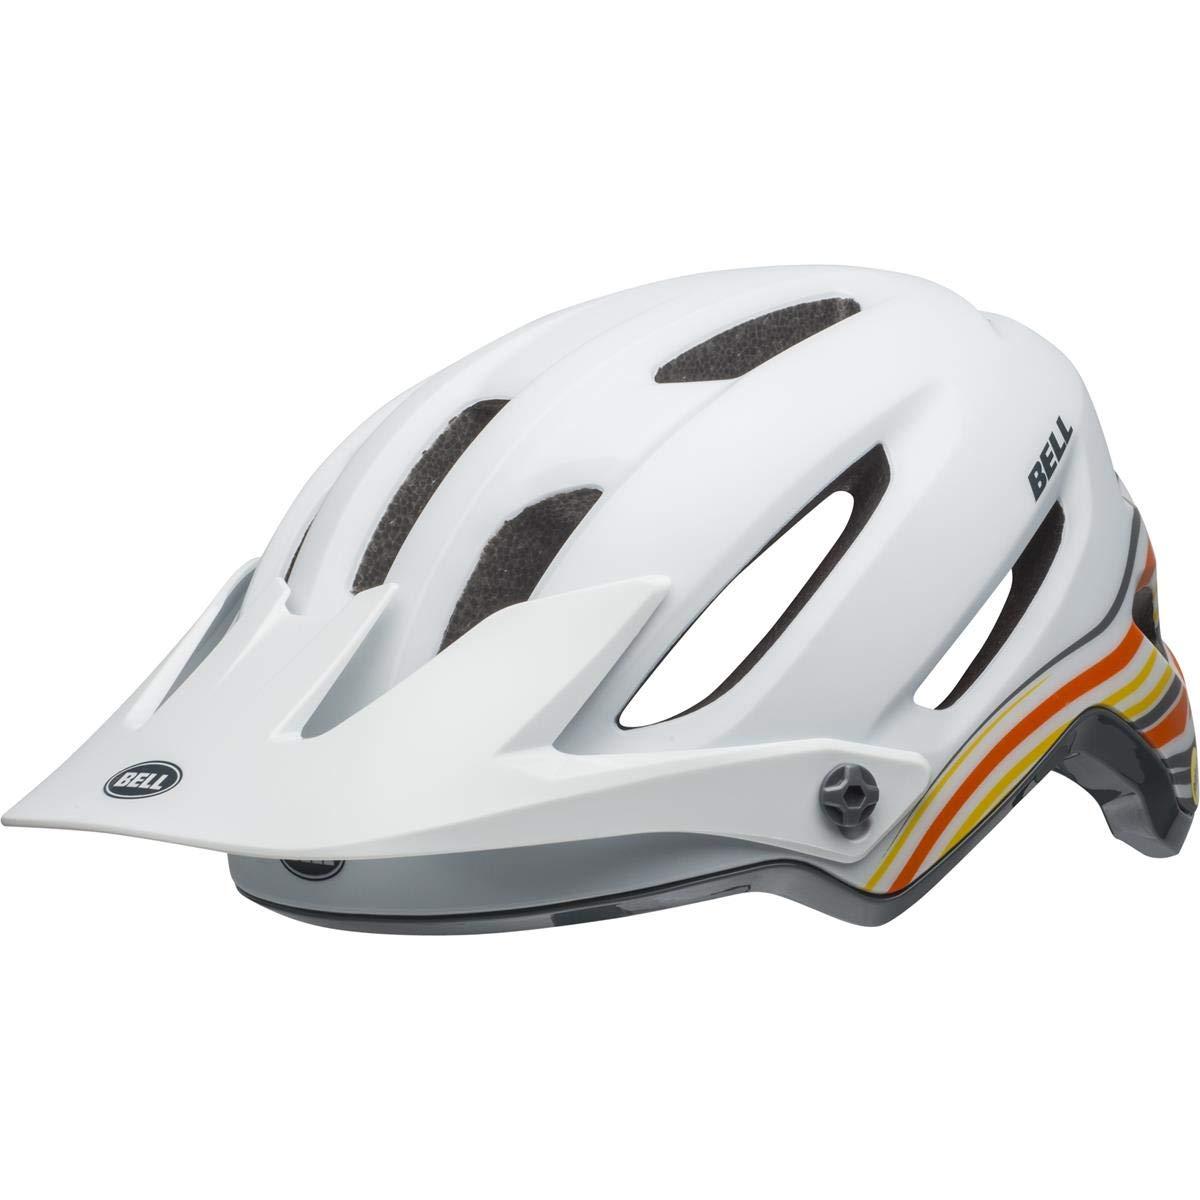 BELL 4Forty MIPS MTB Fahrrad Helm weiß grau 2019